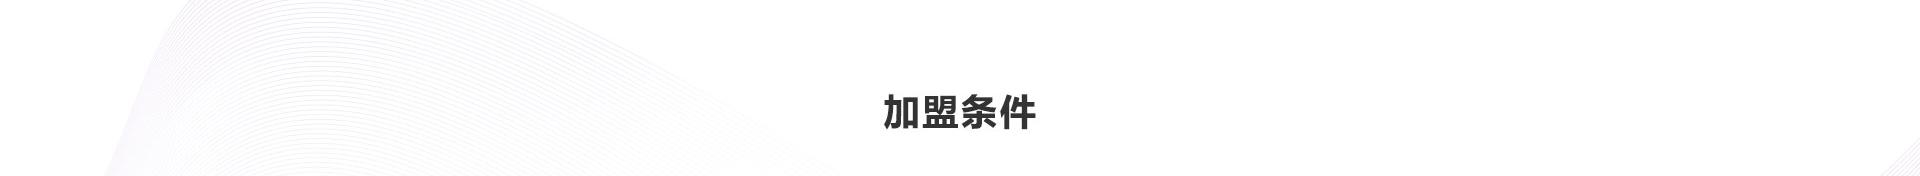 加盟计划_17.png